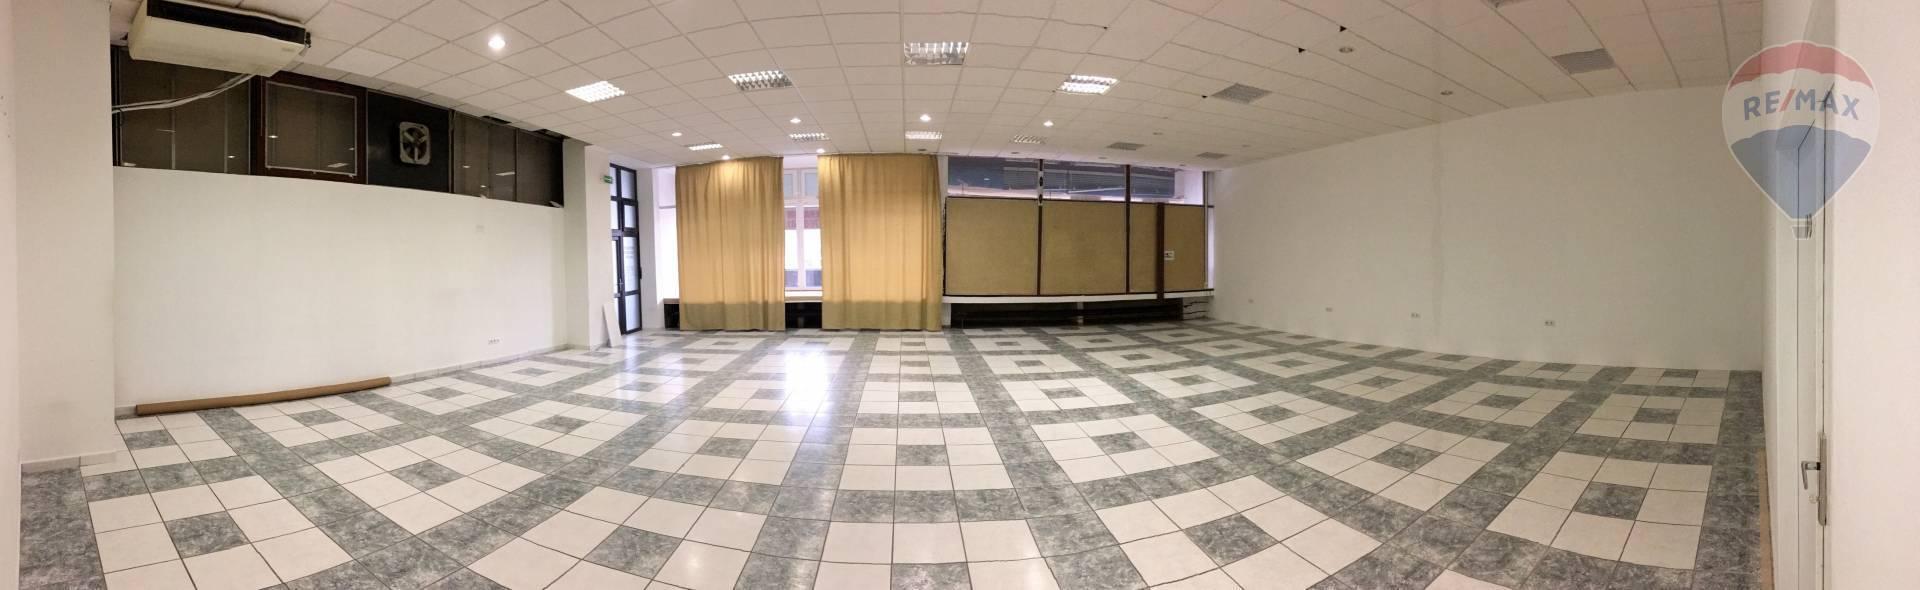 Obchodný priestor na prenájom v centre mesta Galanta, 190 m2